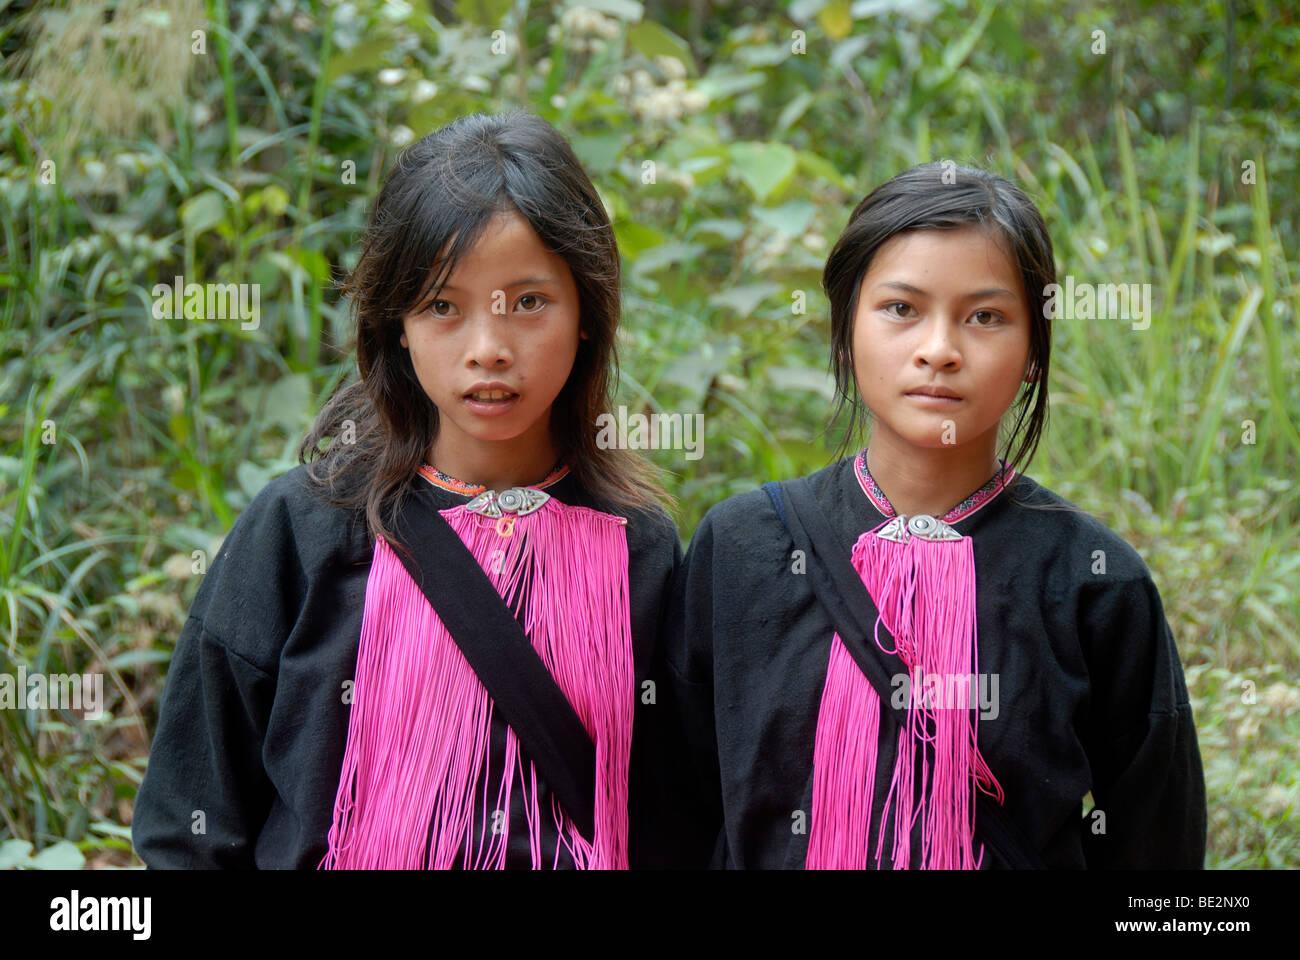 Porträt, Ethnologie, zwei junge Frauen der Volksgruppe der Yao, rosa Fäden als Schmuck, Ou Tai, Distrikt Stockbild